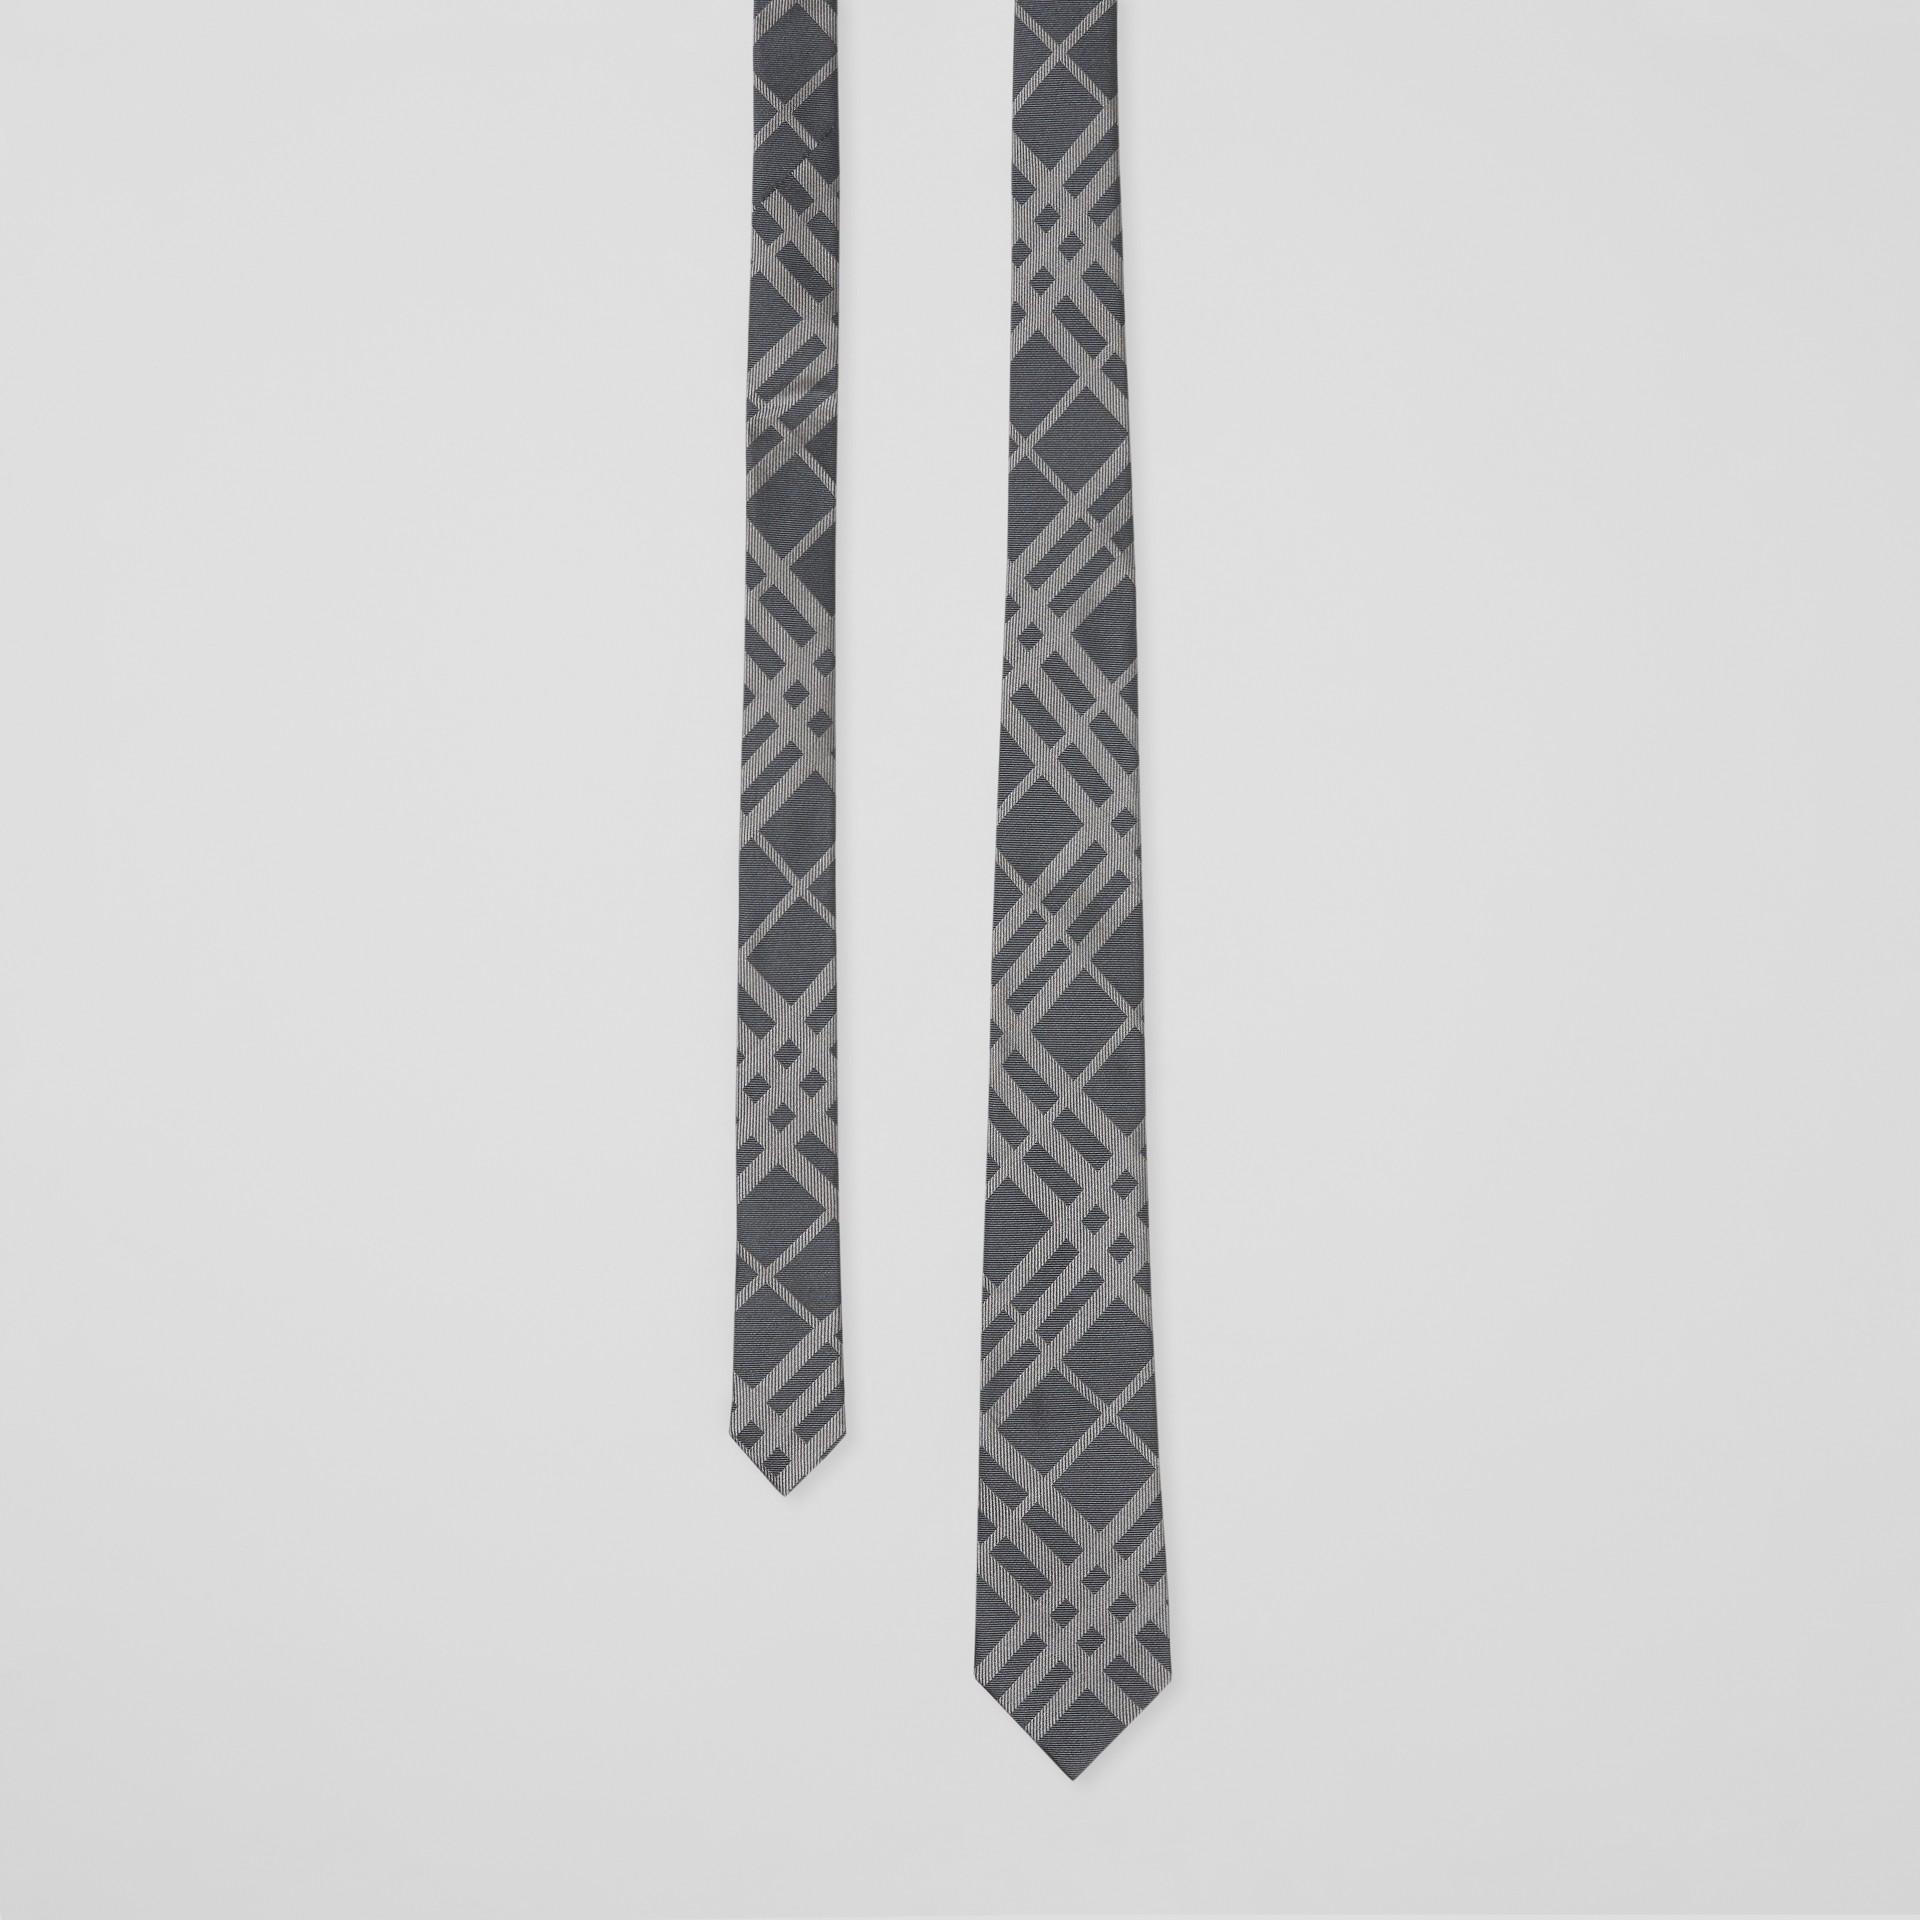 Corbata de pala clásica en seda con motivo a cuadros en jacquard (Gris Medio) - Hombre | Burberry - imagen de la galería 0